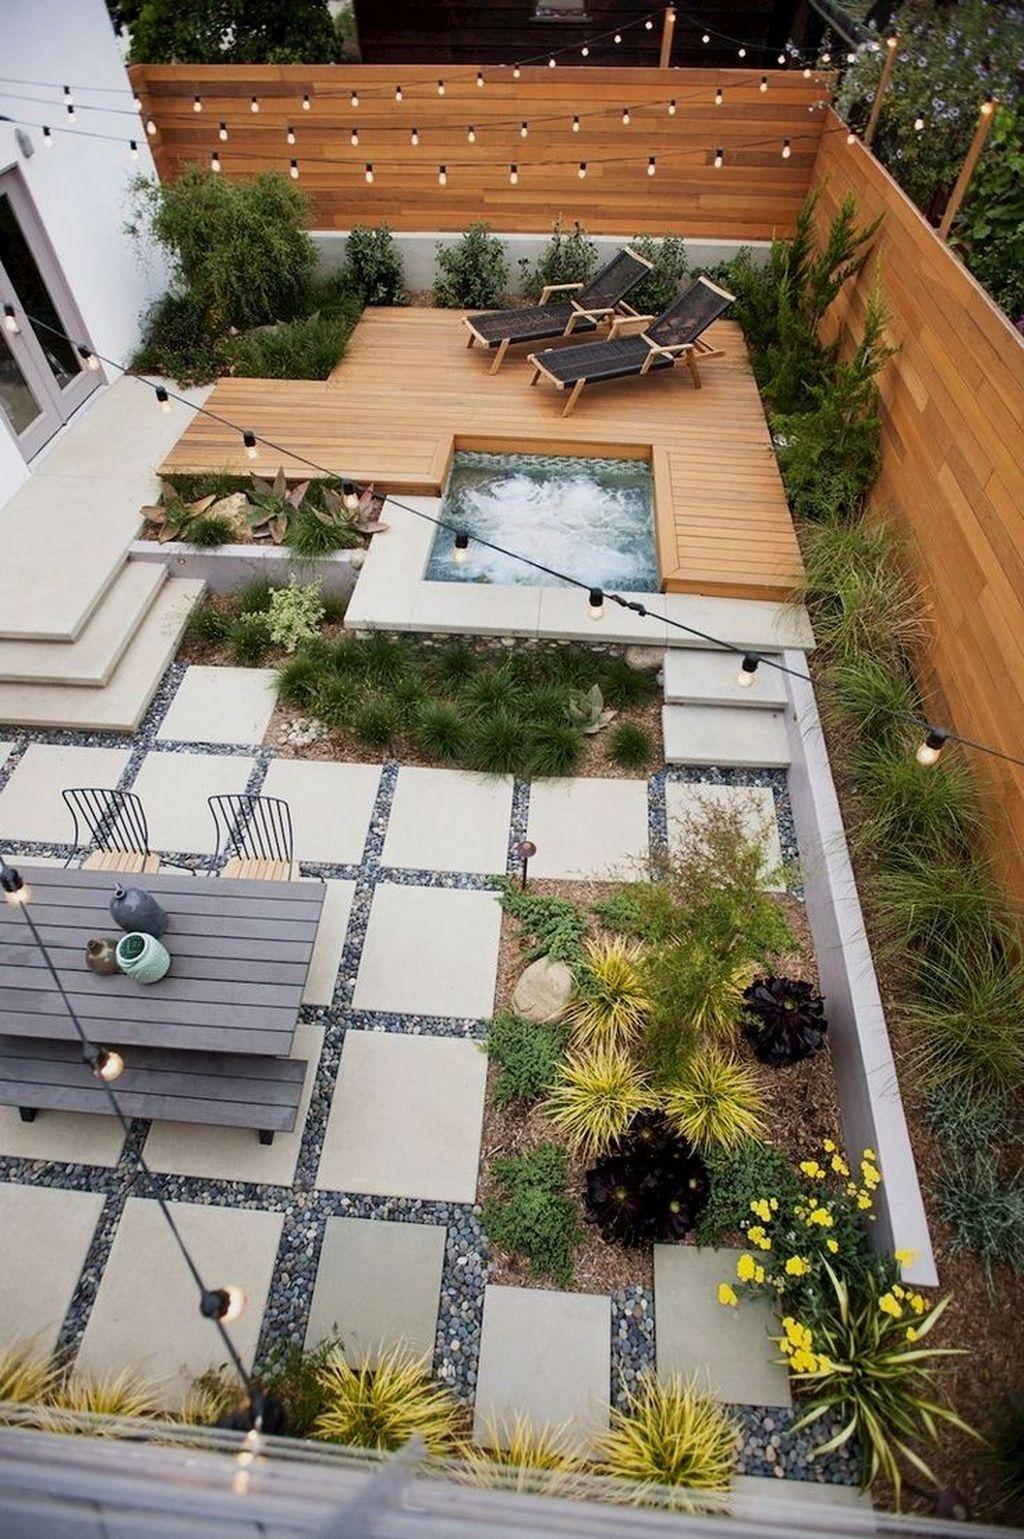 30+ Elegant Backyard Patio Ideas On A Budget | Modern ... on Modern Backyard Ideas On A Budget id=67331